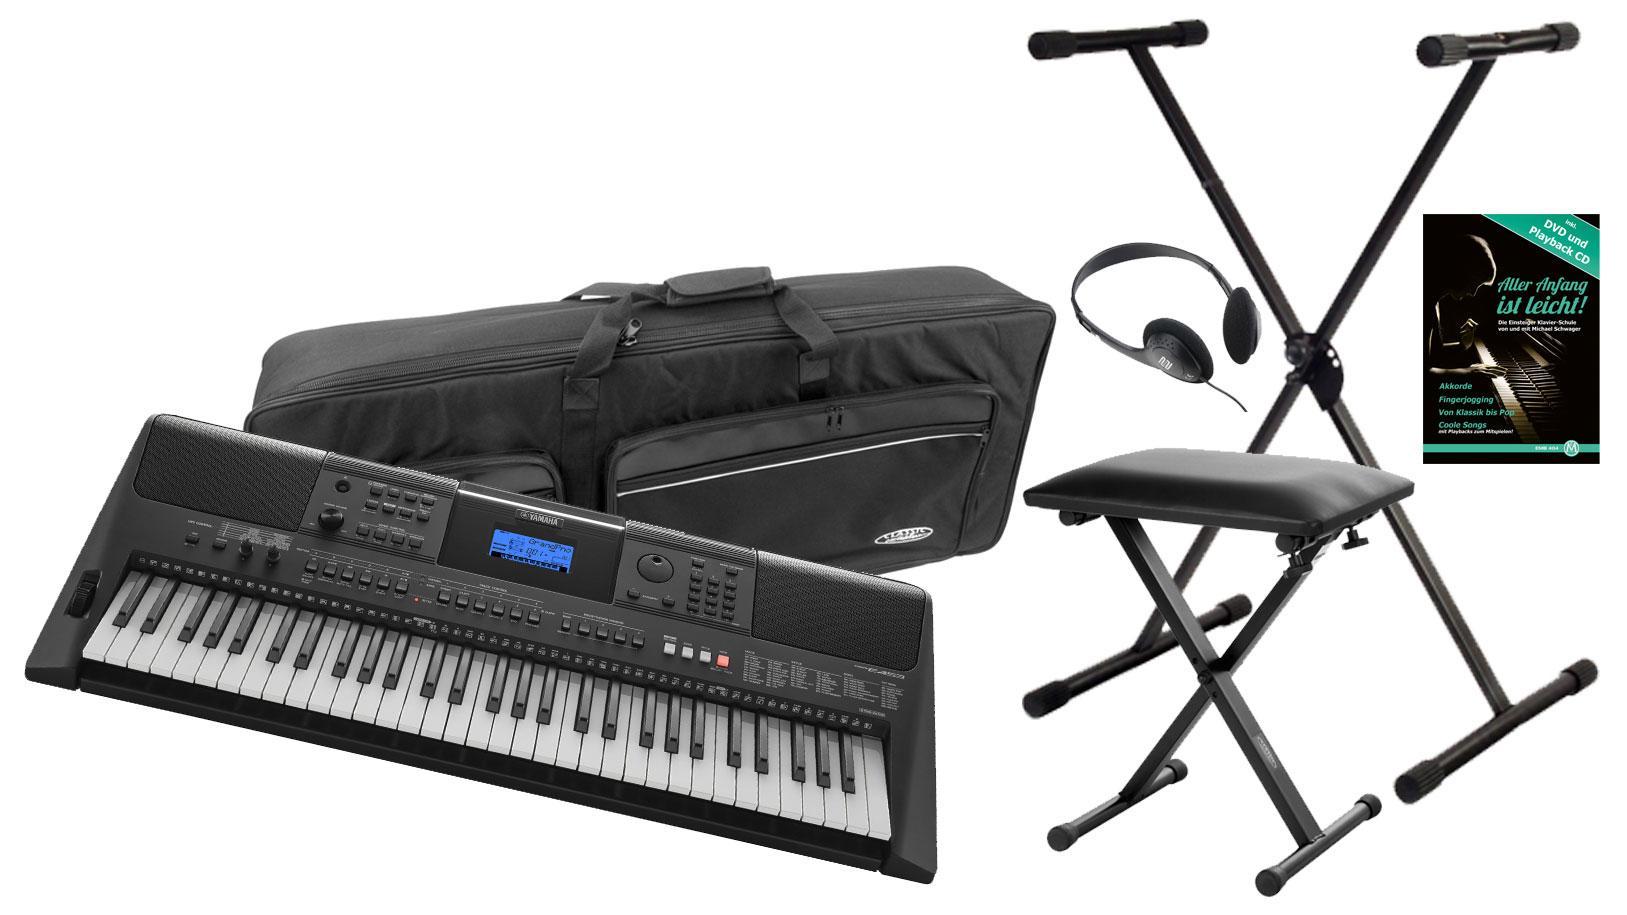 yamaha psr e453 keyboard deluxe set. Black Bedroom Furniture Sets. Home Design Ideas